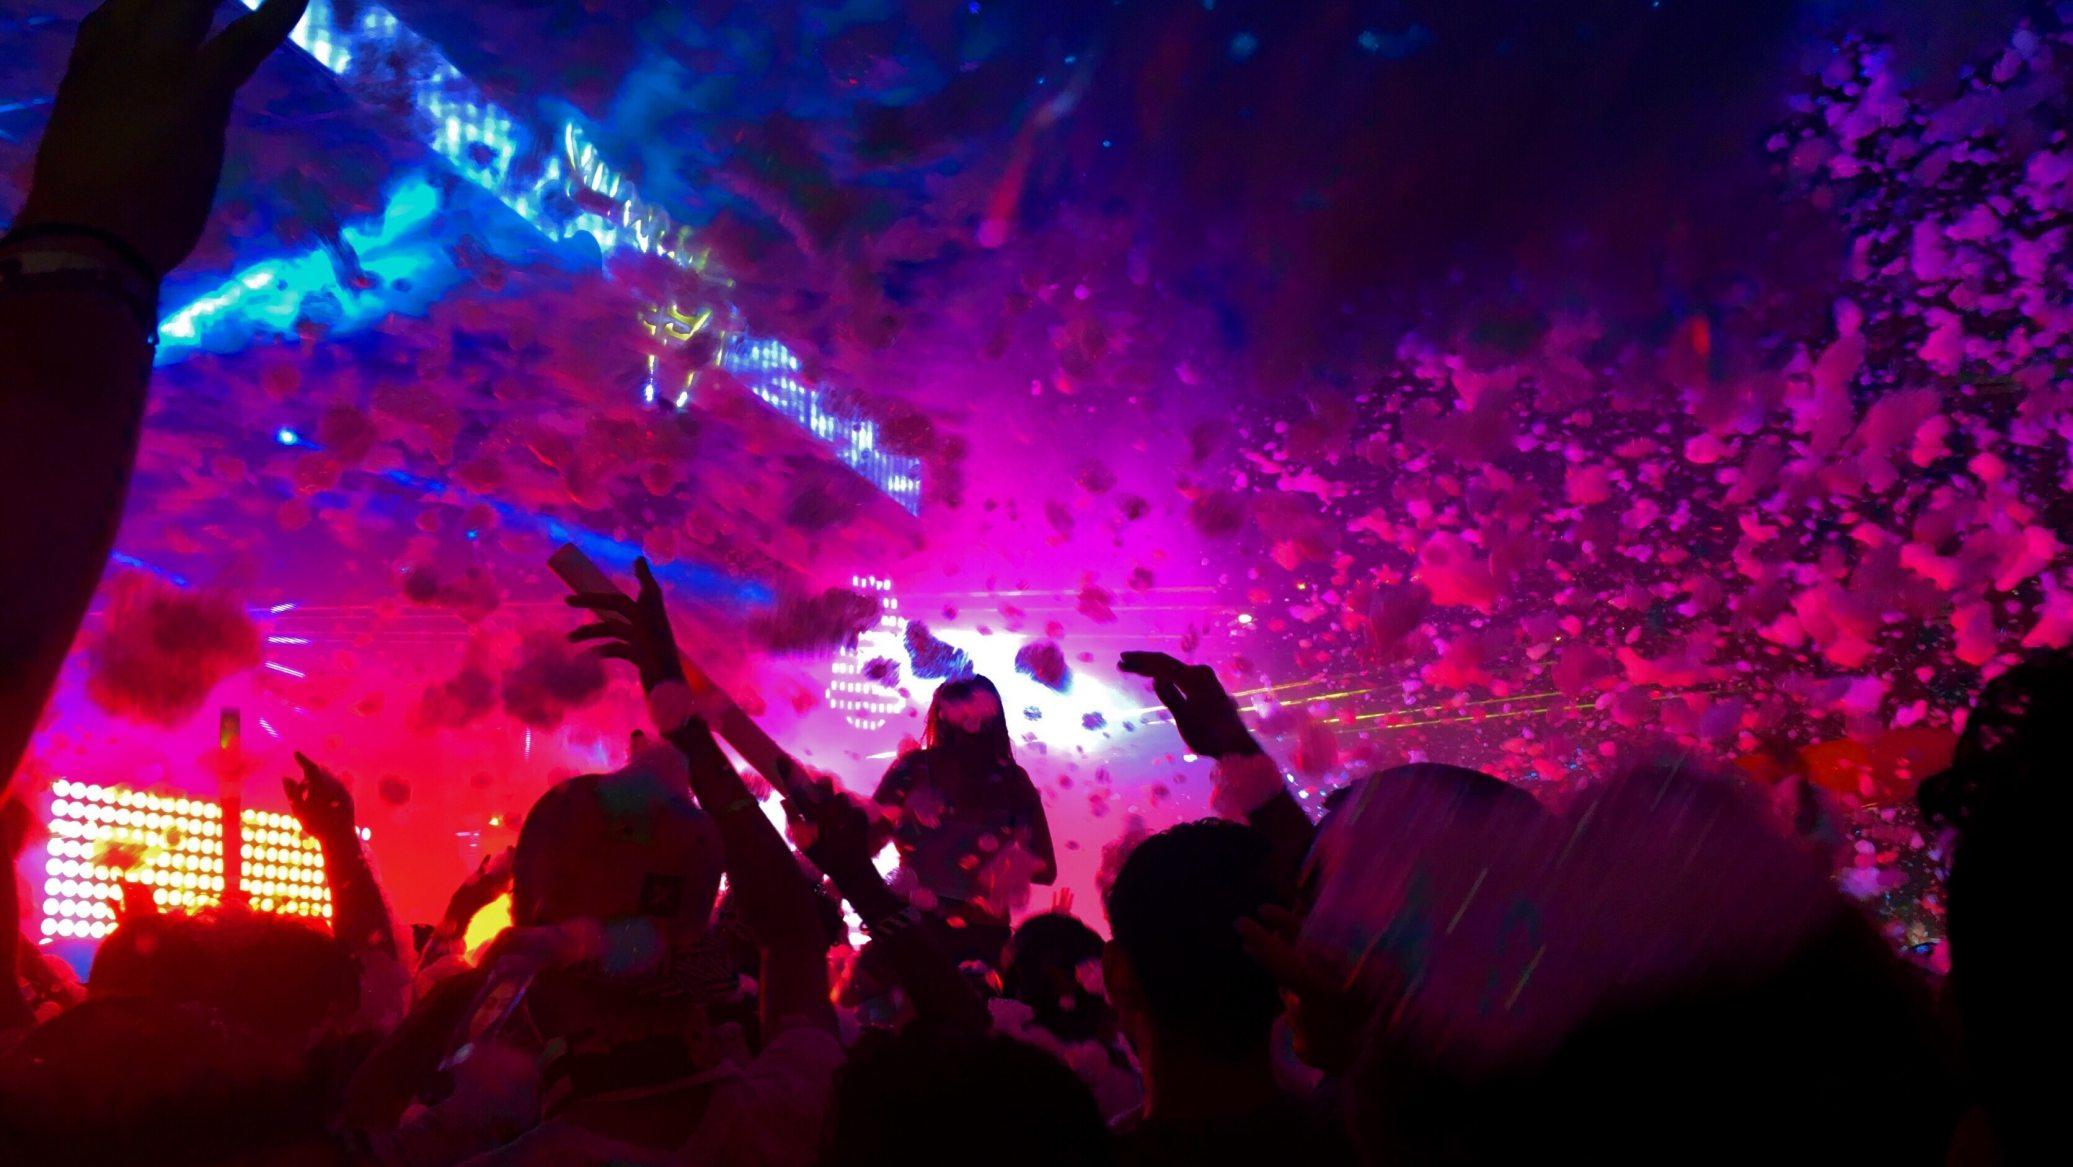 «СБПЧ», Sirotkin и Jungle выступят на музыкальном фестивале «Авиапарка»